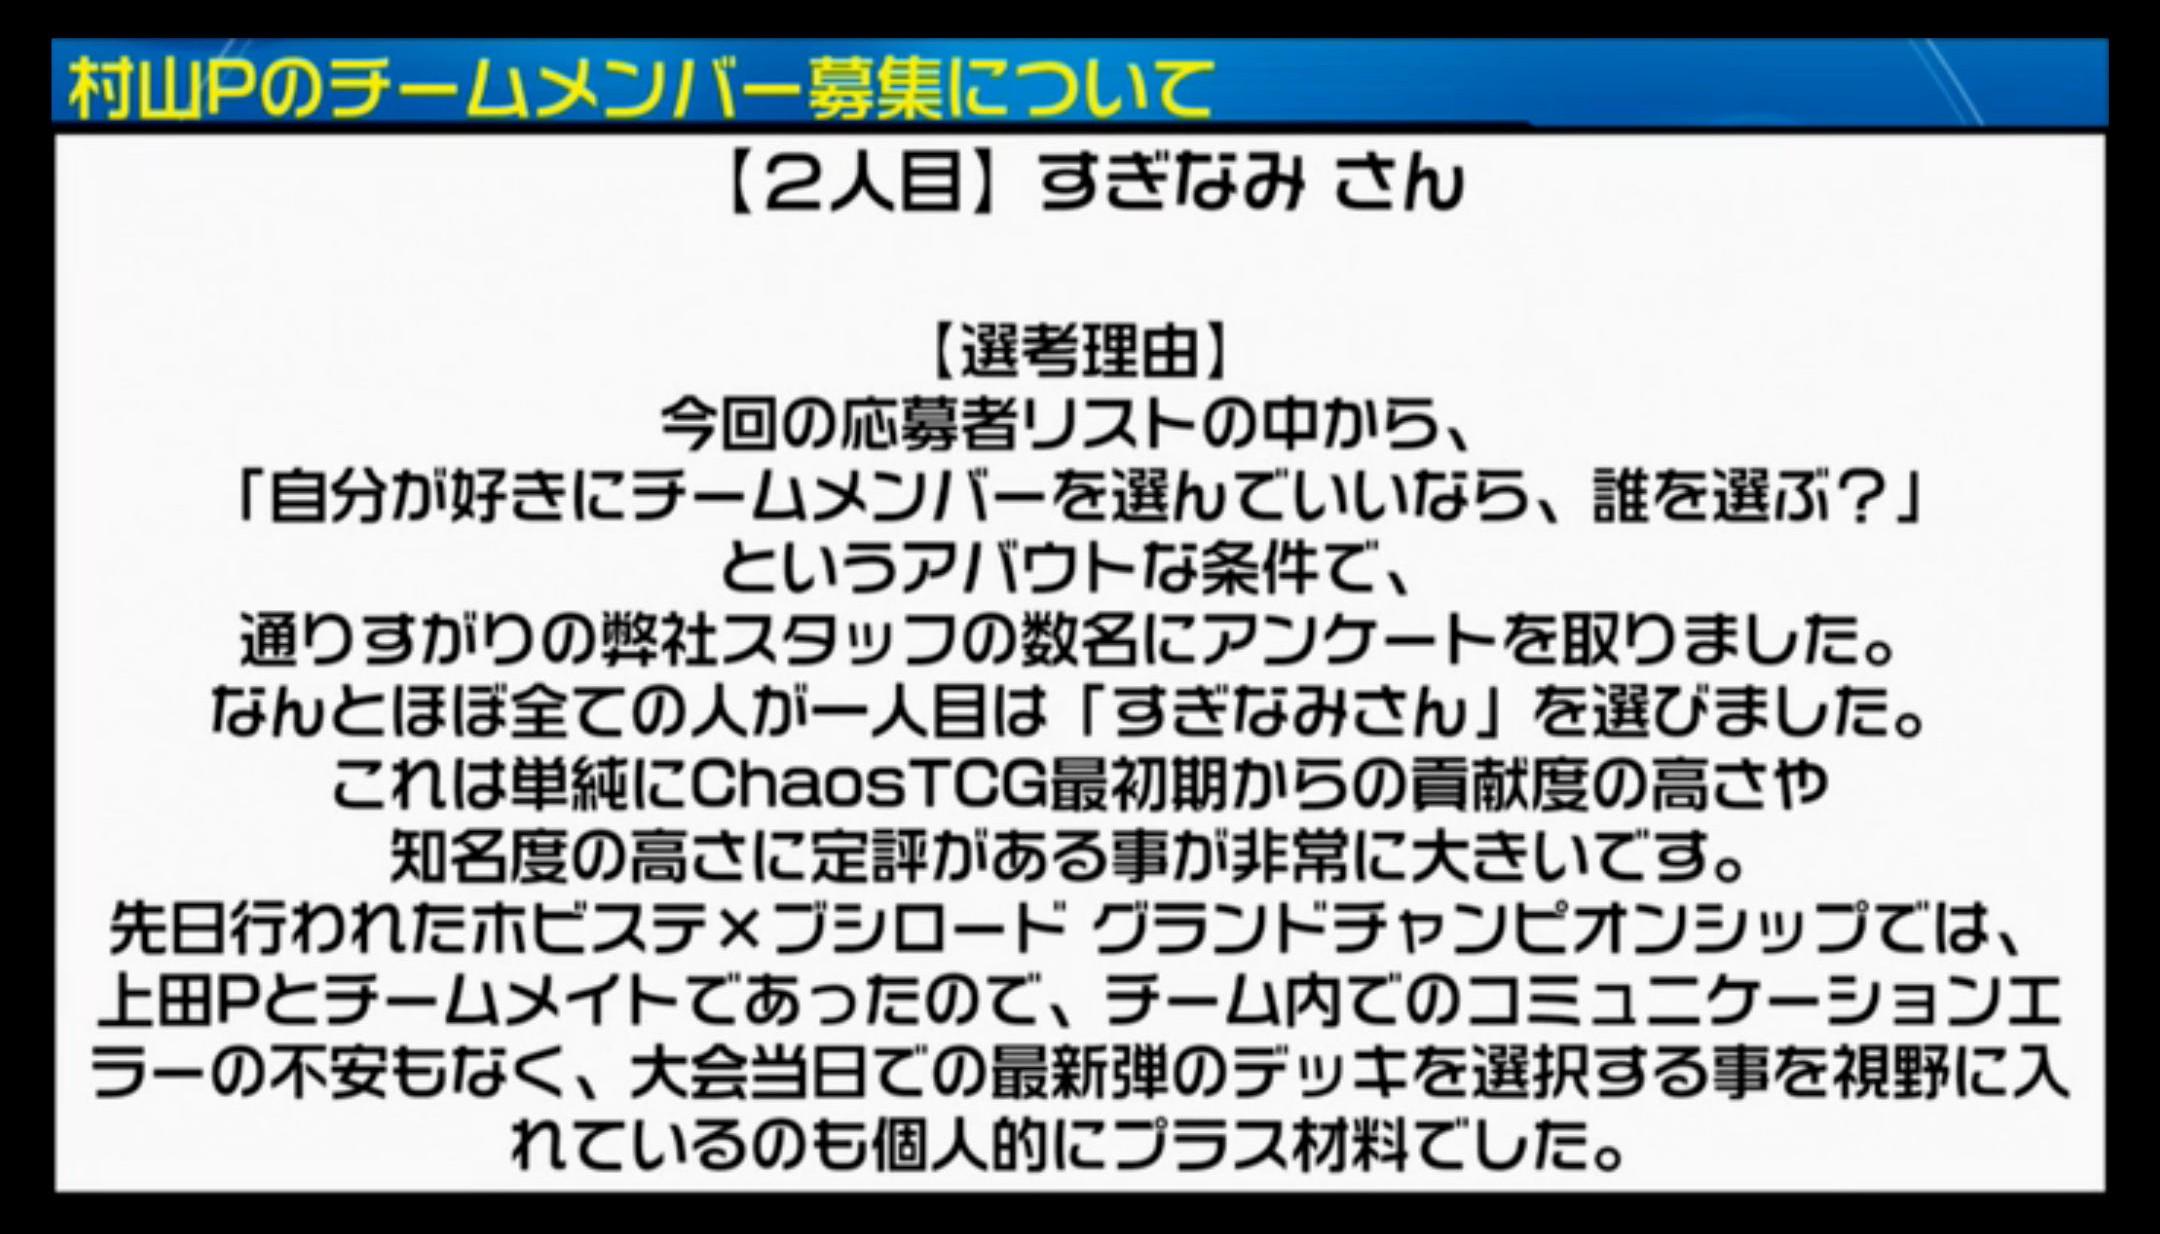 bshi-live-170928-081.jpg